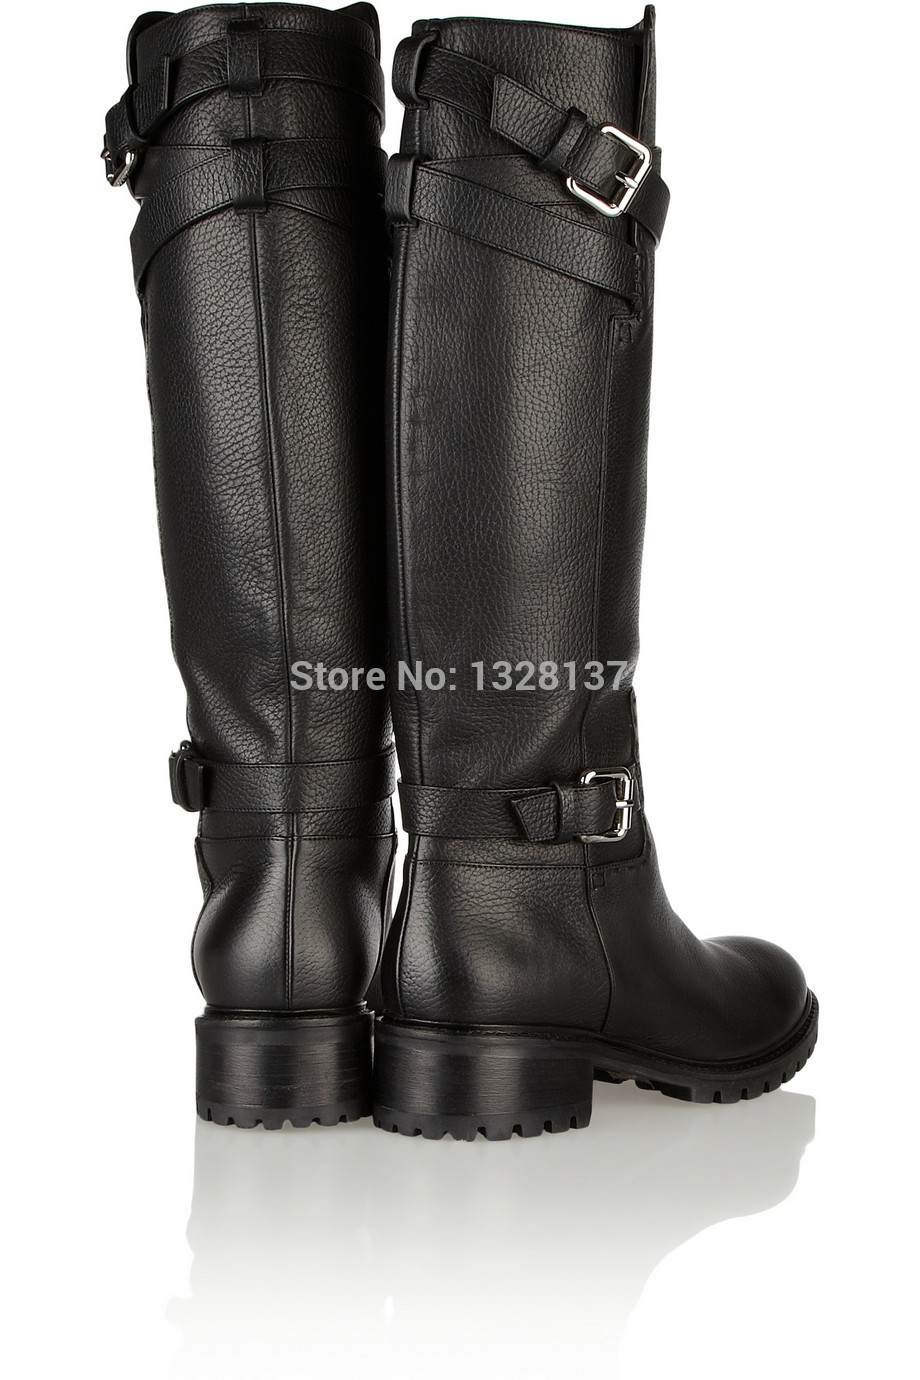 Popular 2 Inch Heel Boots Women-Buy Cheap 2 Inch Heel Boots Women ...